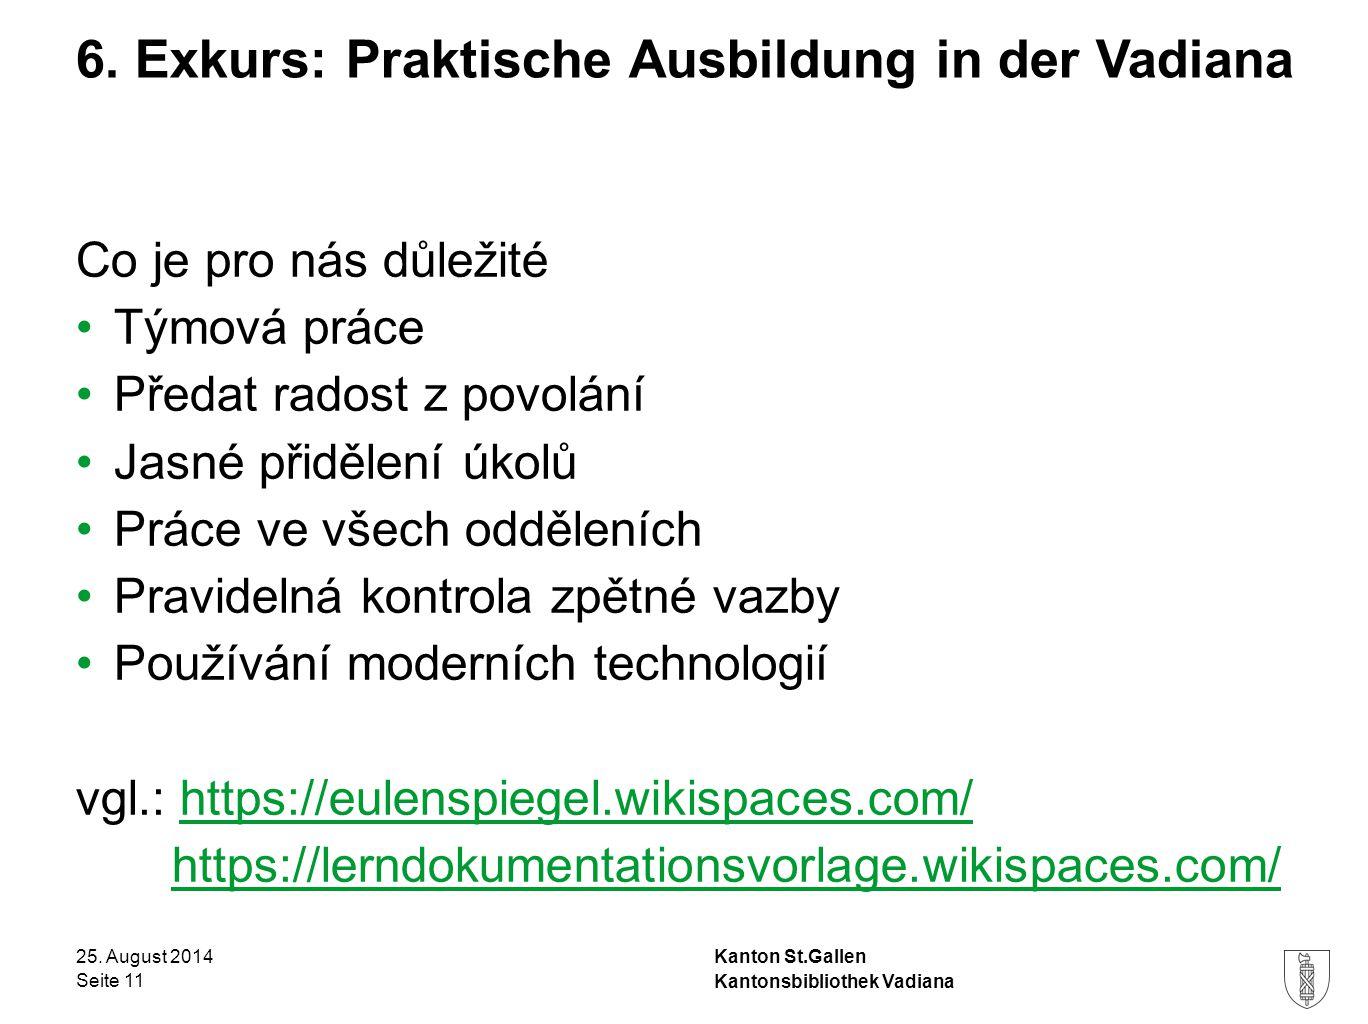 Kanton St.Gallen 6. Exkurs: Praktische Ausbildung in der Vadiana 25.